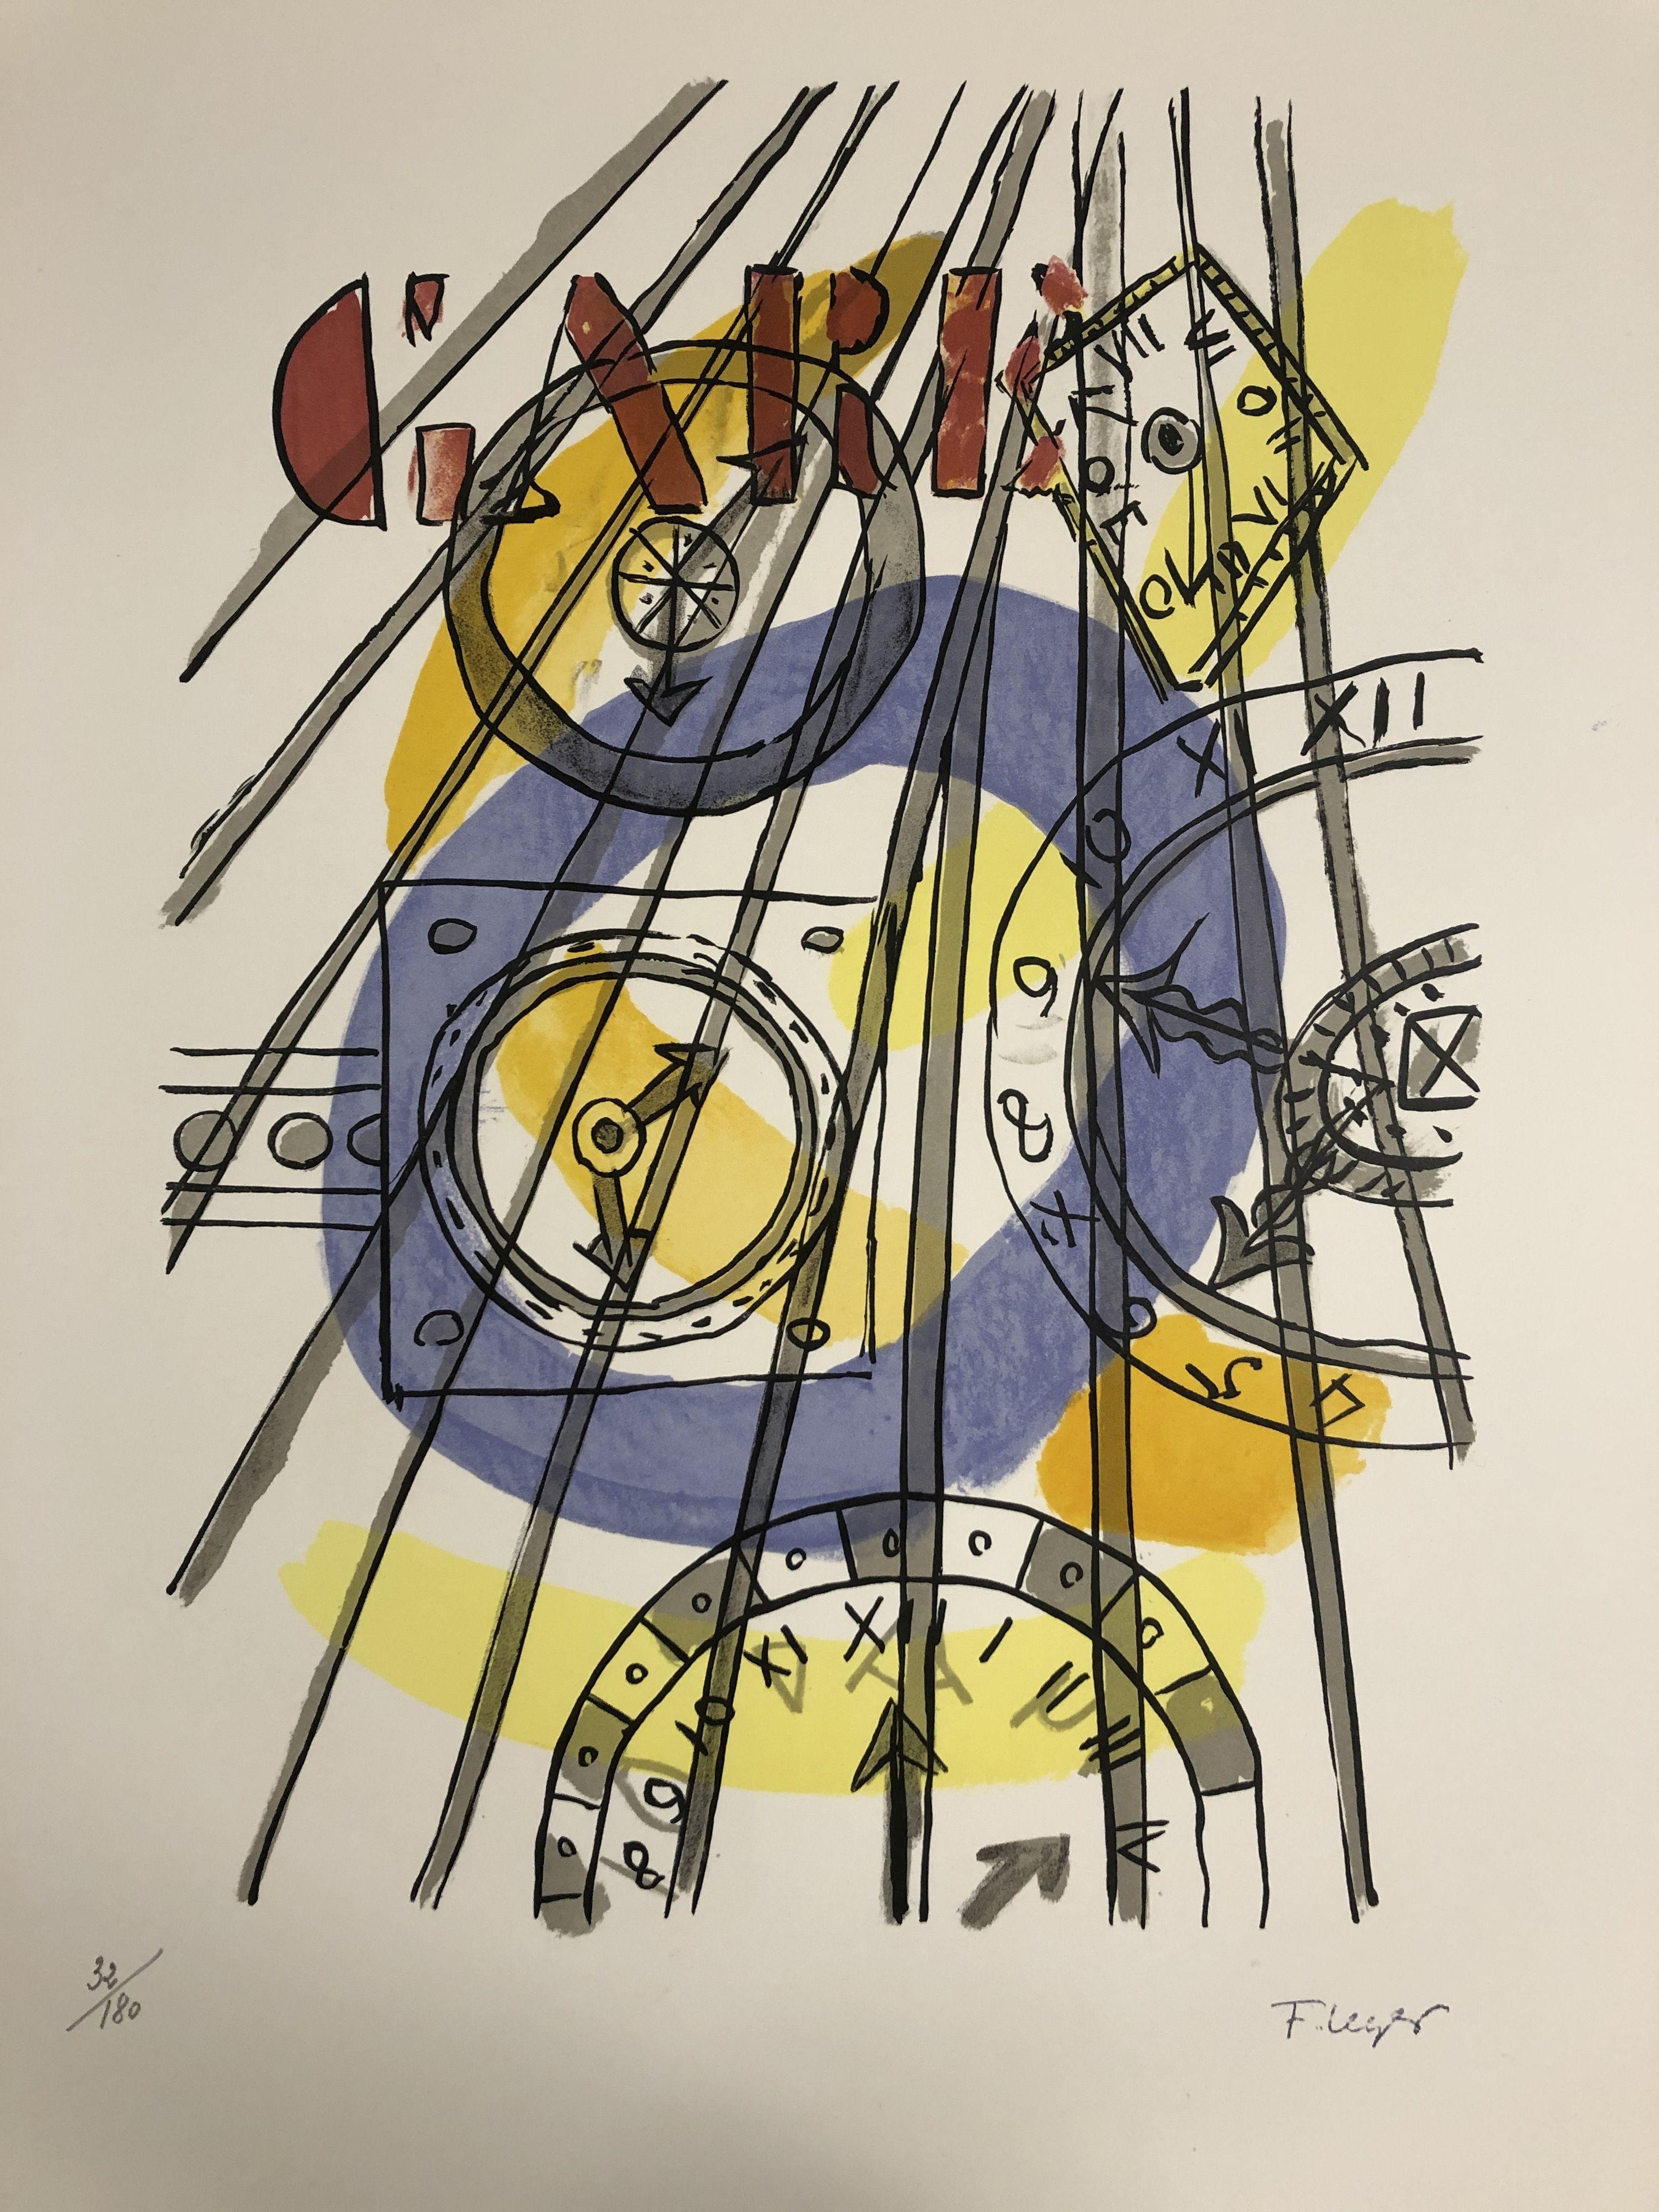 Fernand Leger - La Gare, 1959